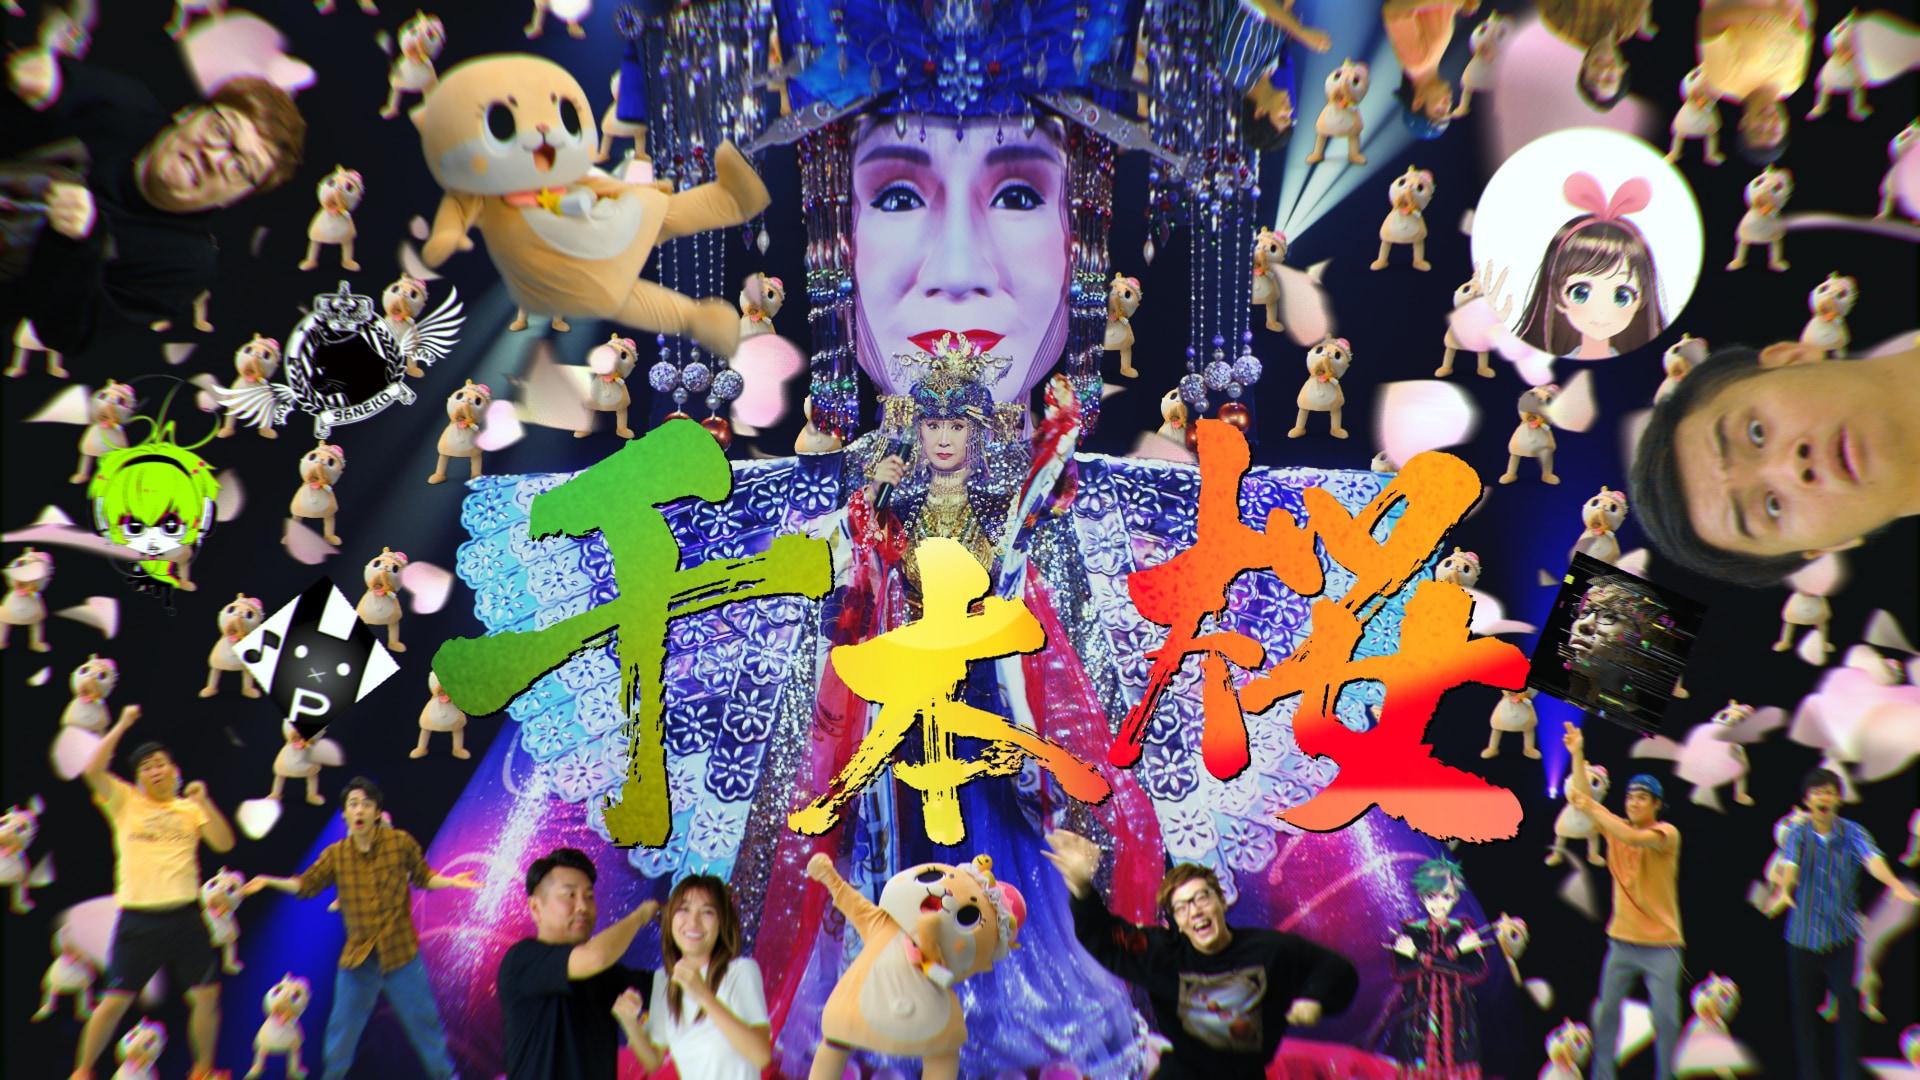 ラスボス・小林幸子が第2形態「ギガ幸子+」に HIKAKIN、フィッシャーズ参加の「千本桜」解禁